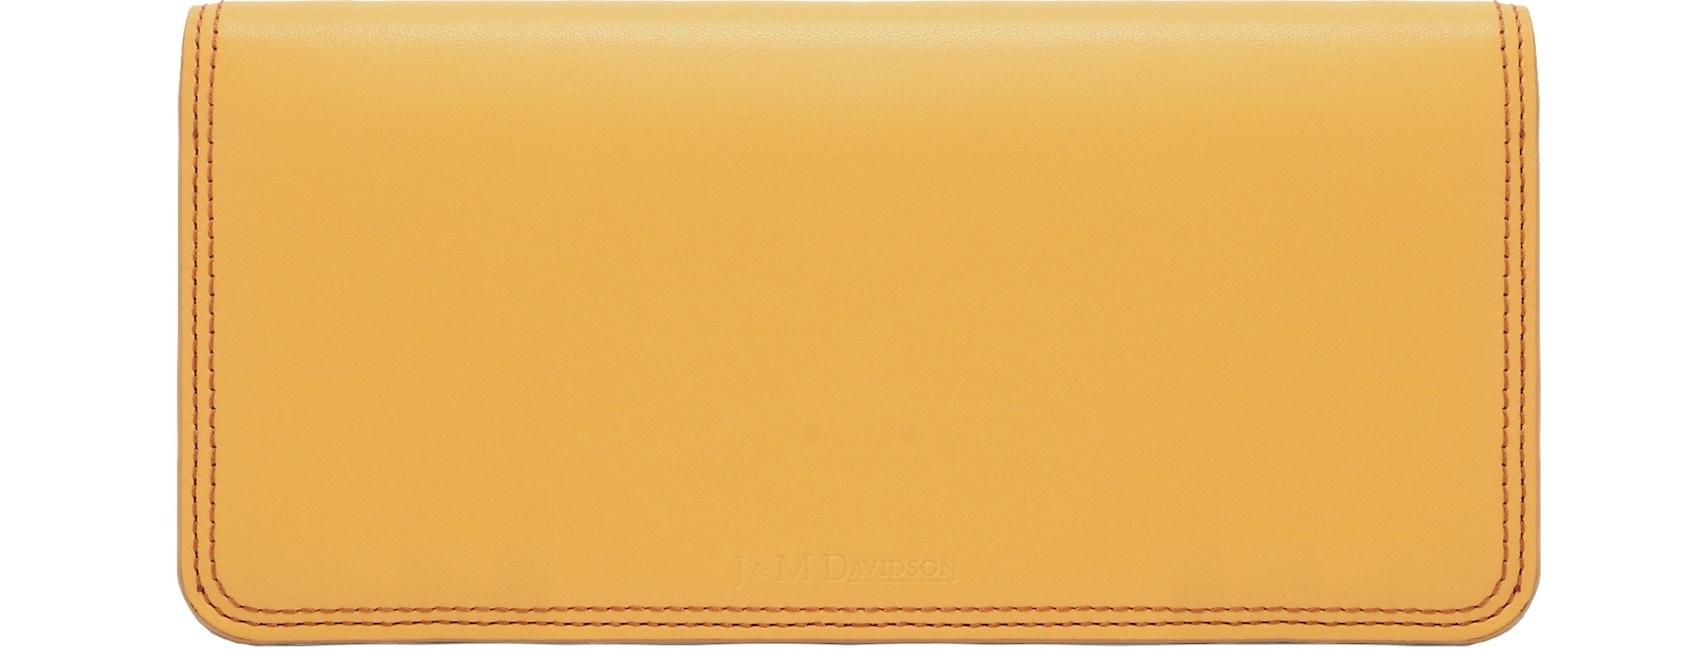 J&M デヴィッドソン 財布